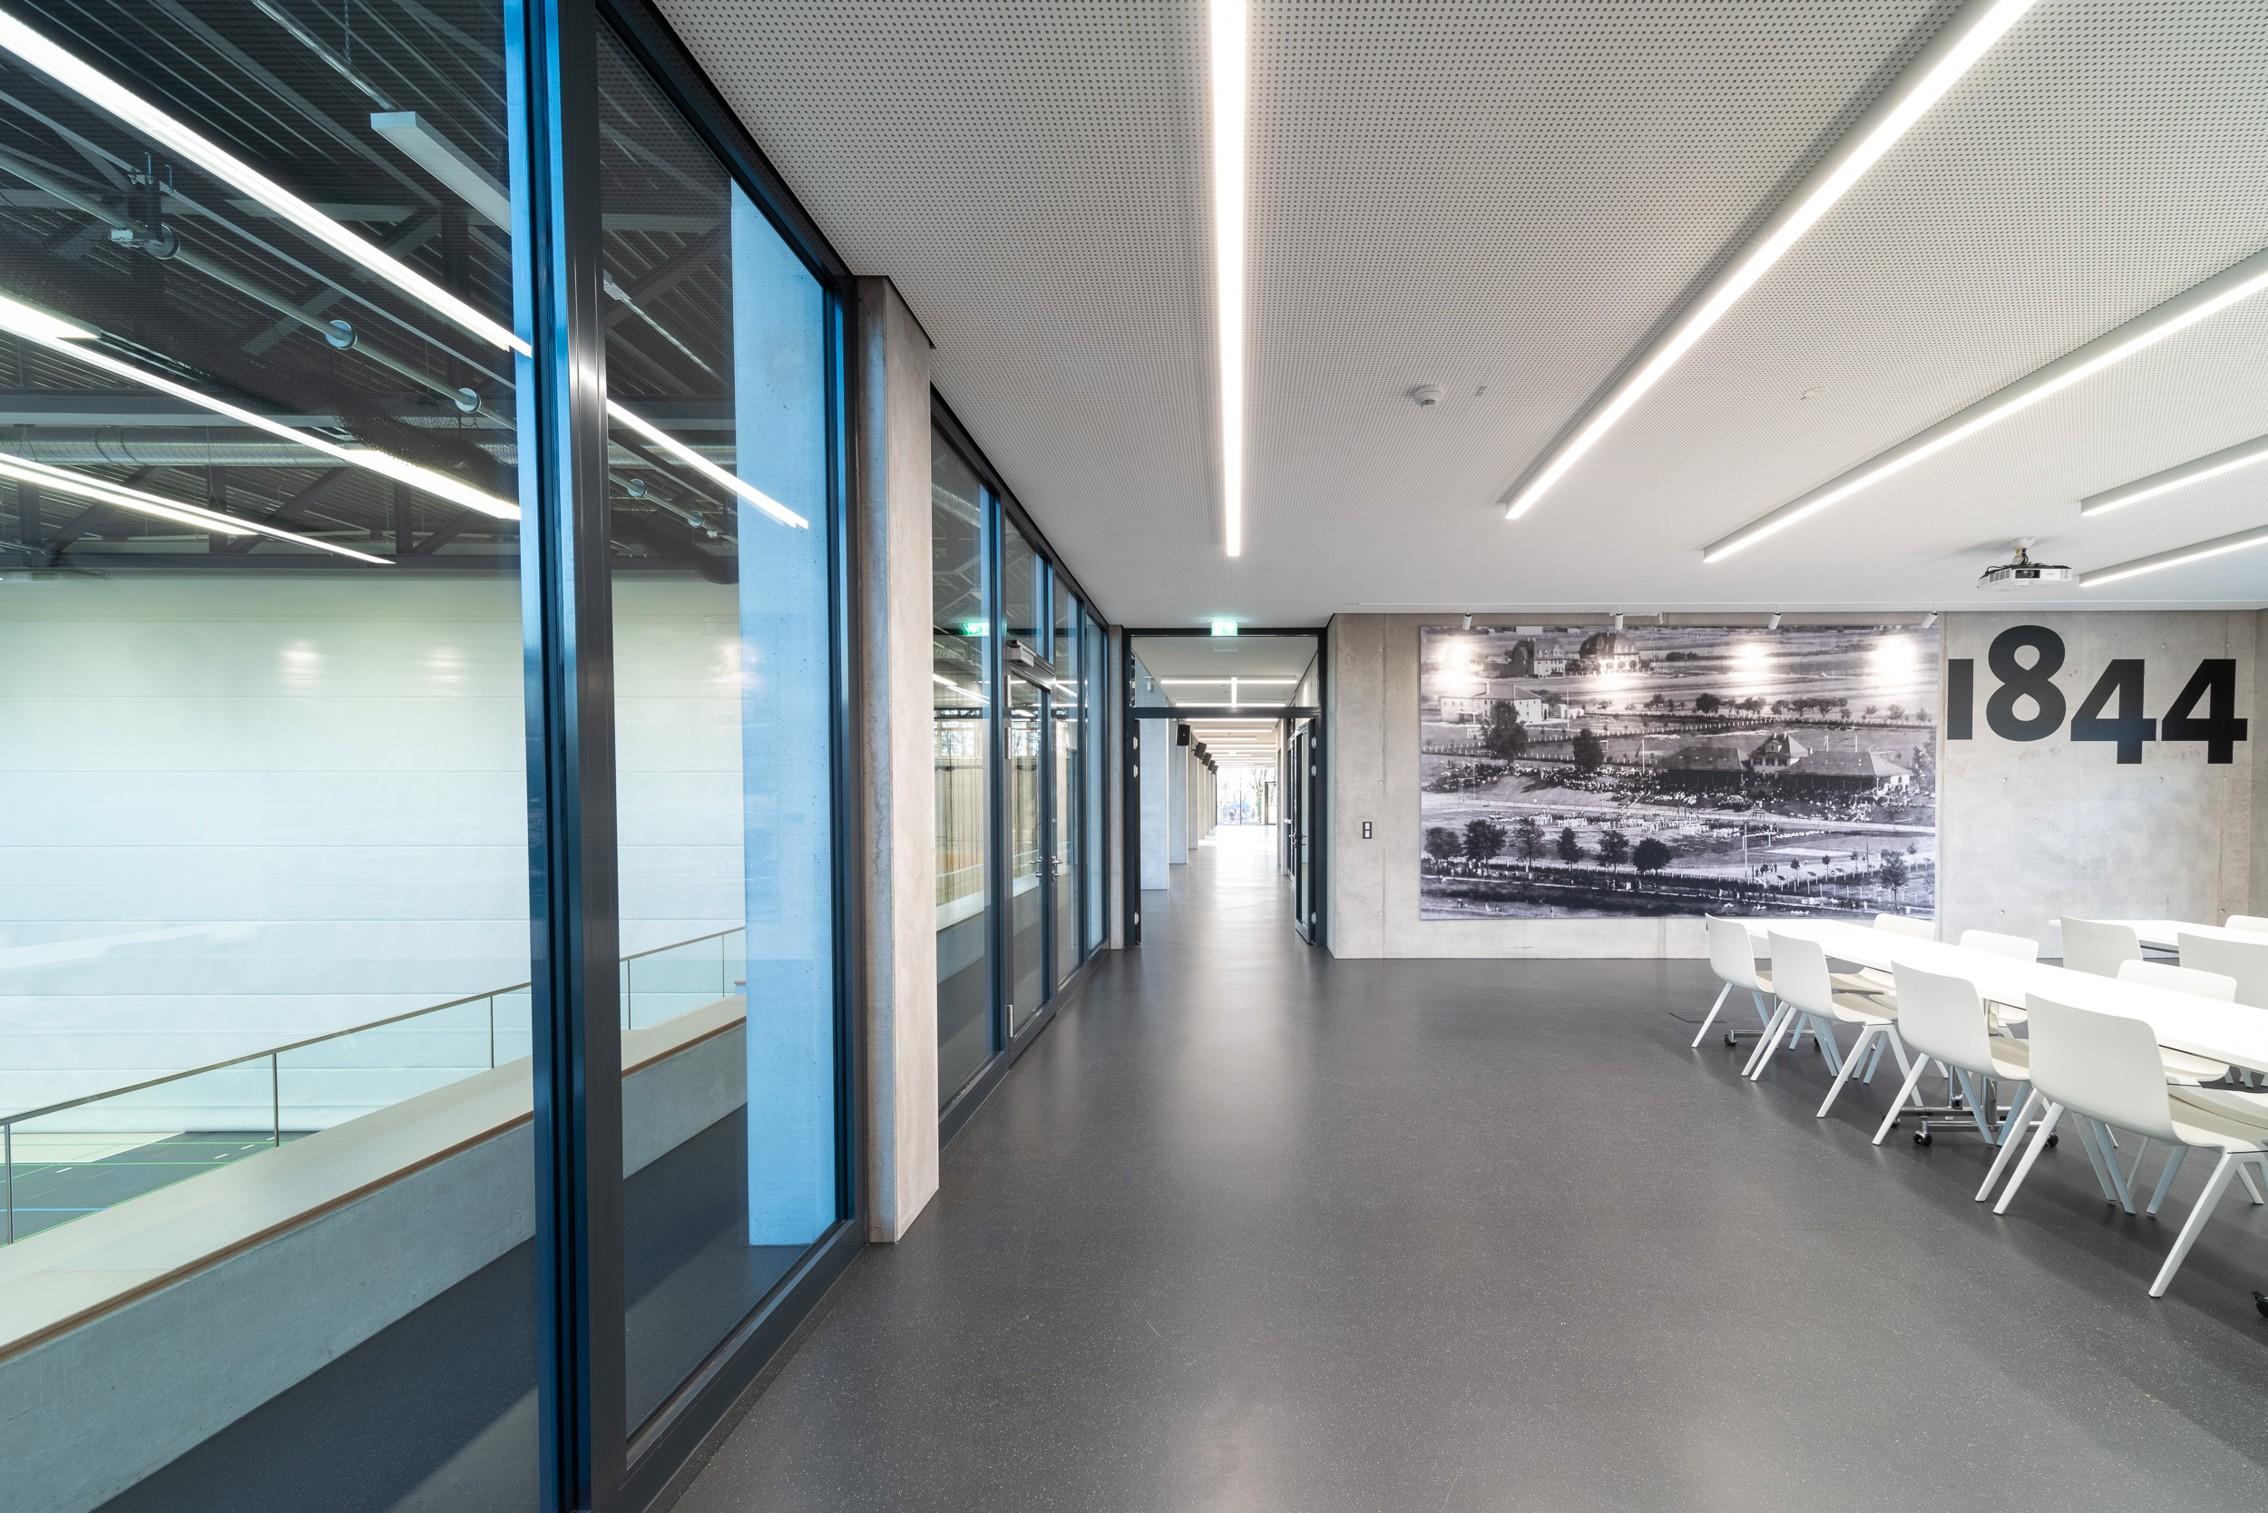 Sportstättenbeleuchtung von Malm licht + gestaltung Freiburg Lichtplanung Lichtgestaltung Lichtdesign Licht_für_Multifunktionraum